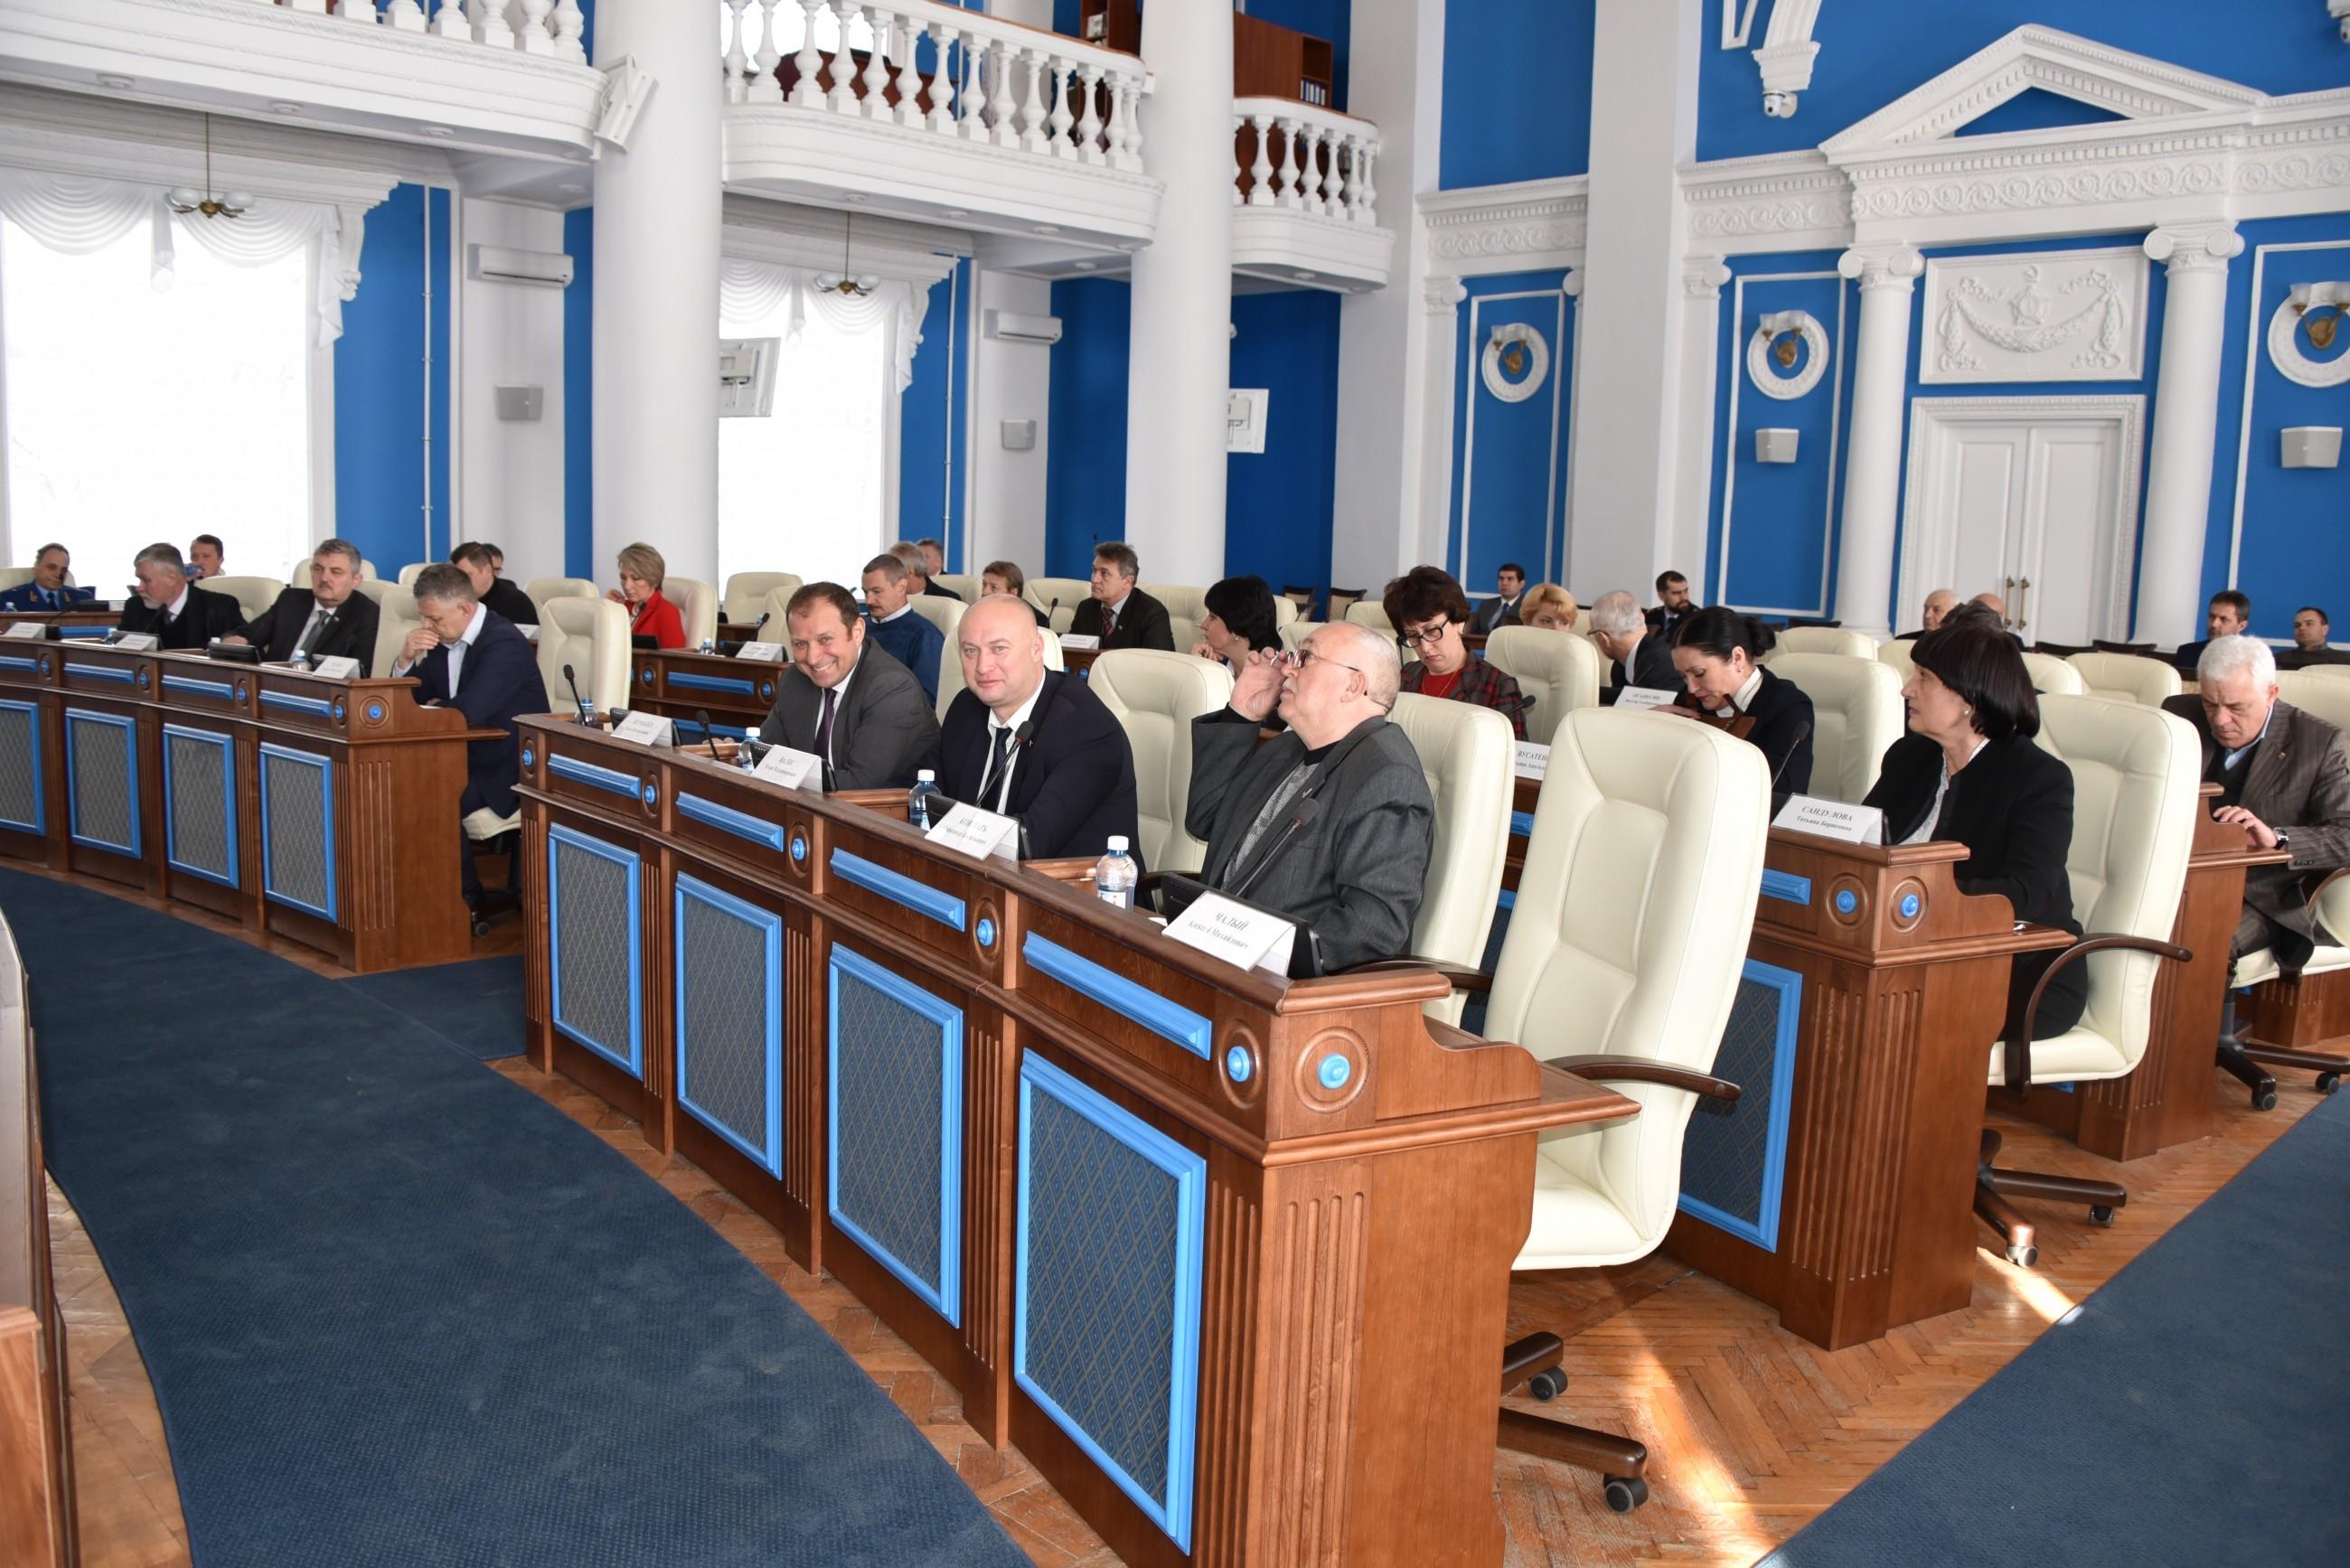 Сегодня на пленарном заседании депутаты рассмотрят кандидатуру прокурора Севастополя